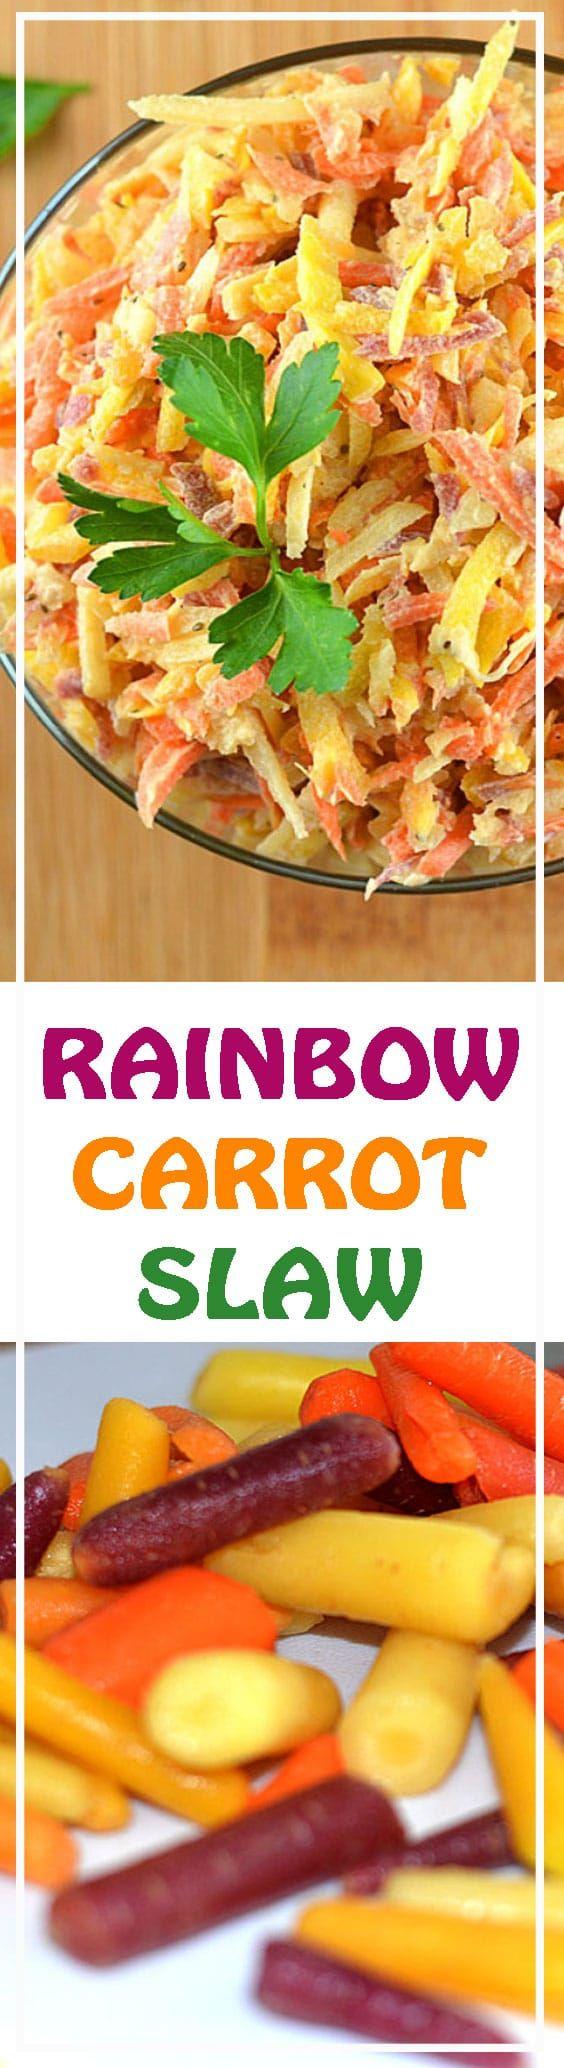 Vegan Carrot Slaw by The Veg Life!